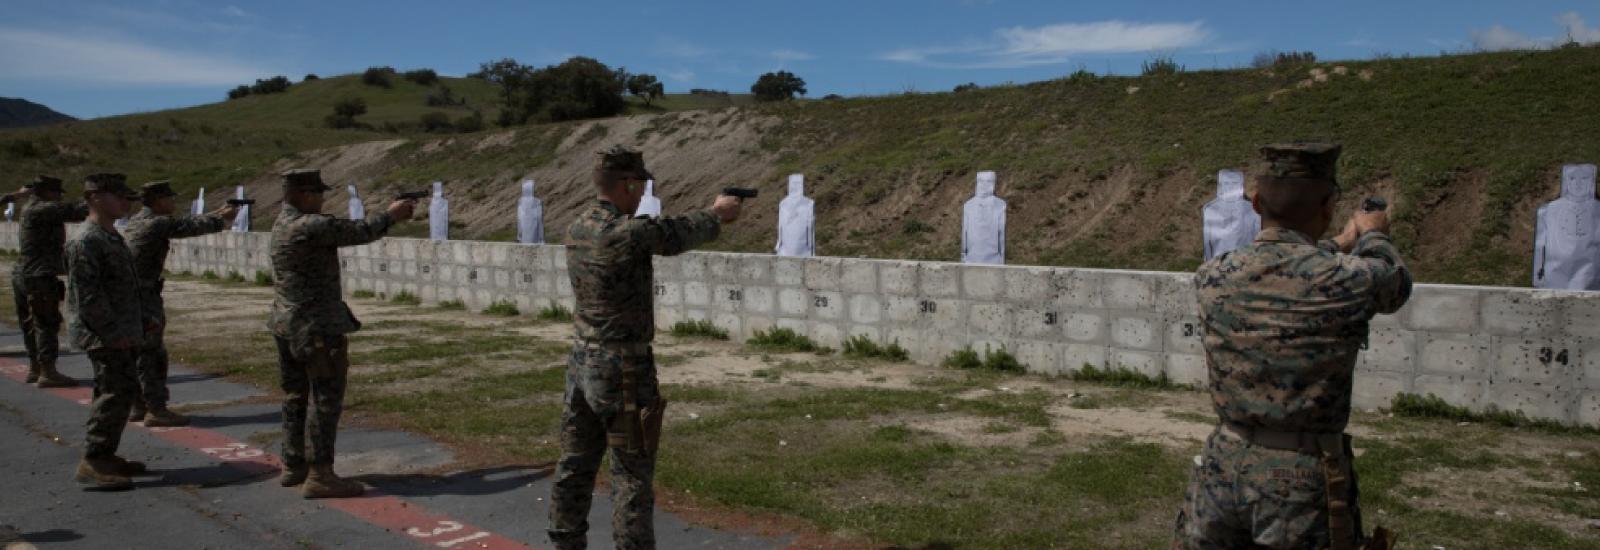 Camp Pendleton Gun Range